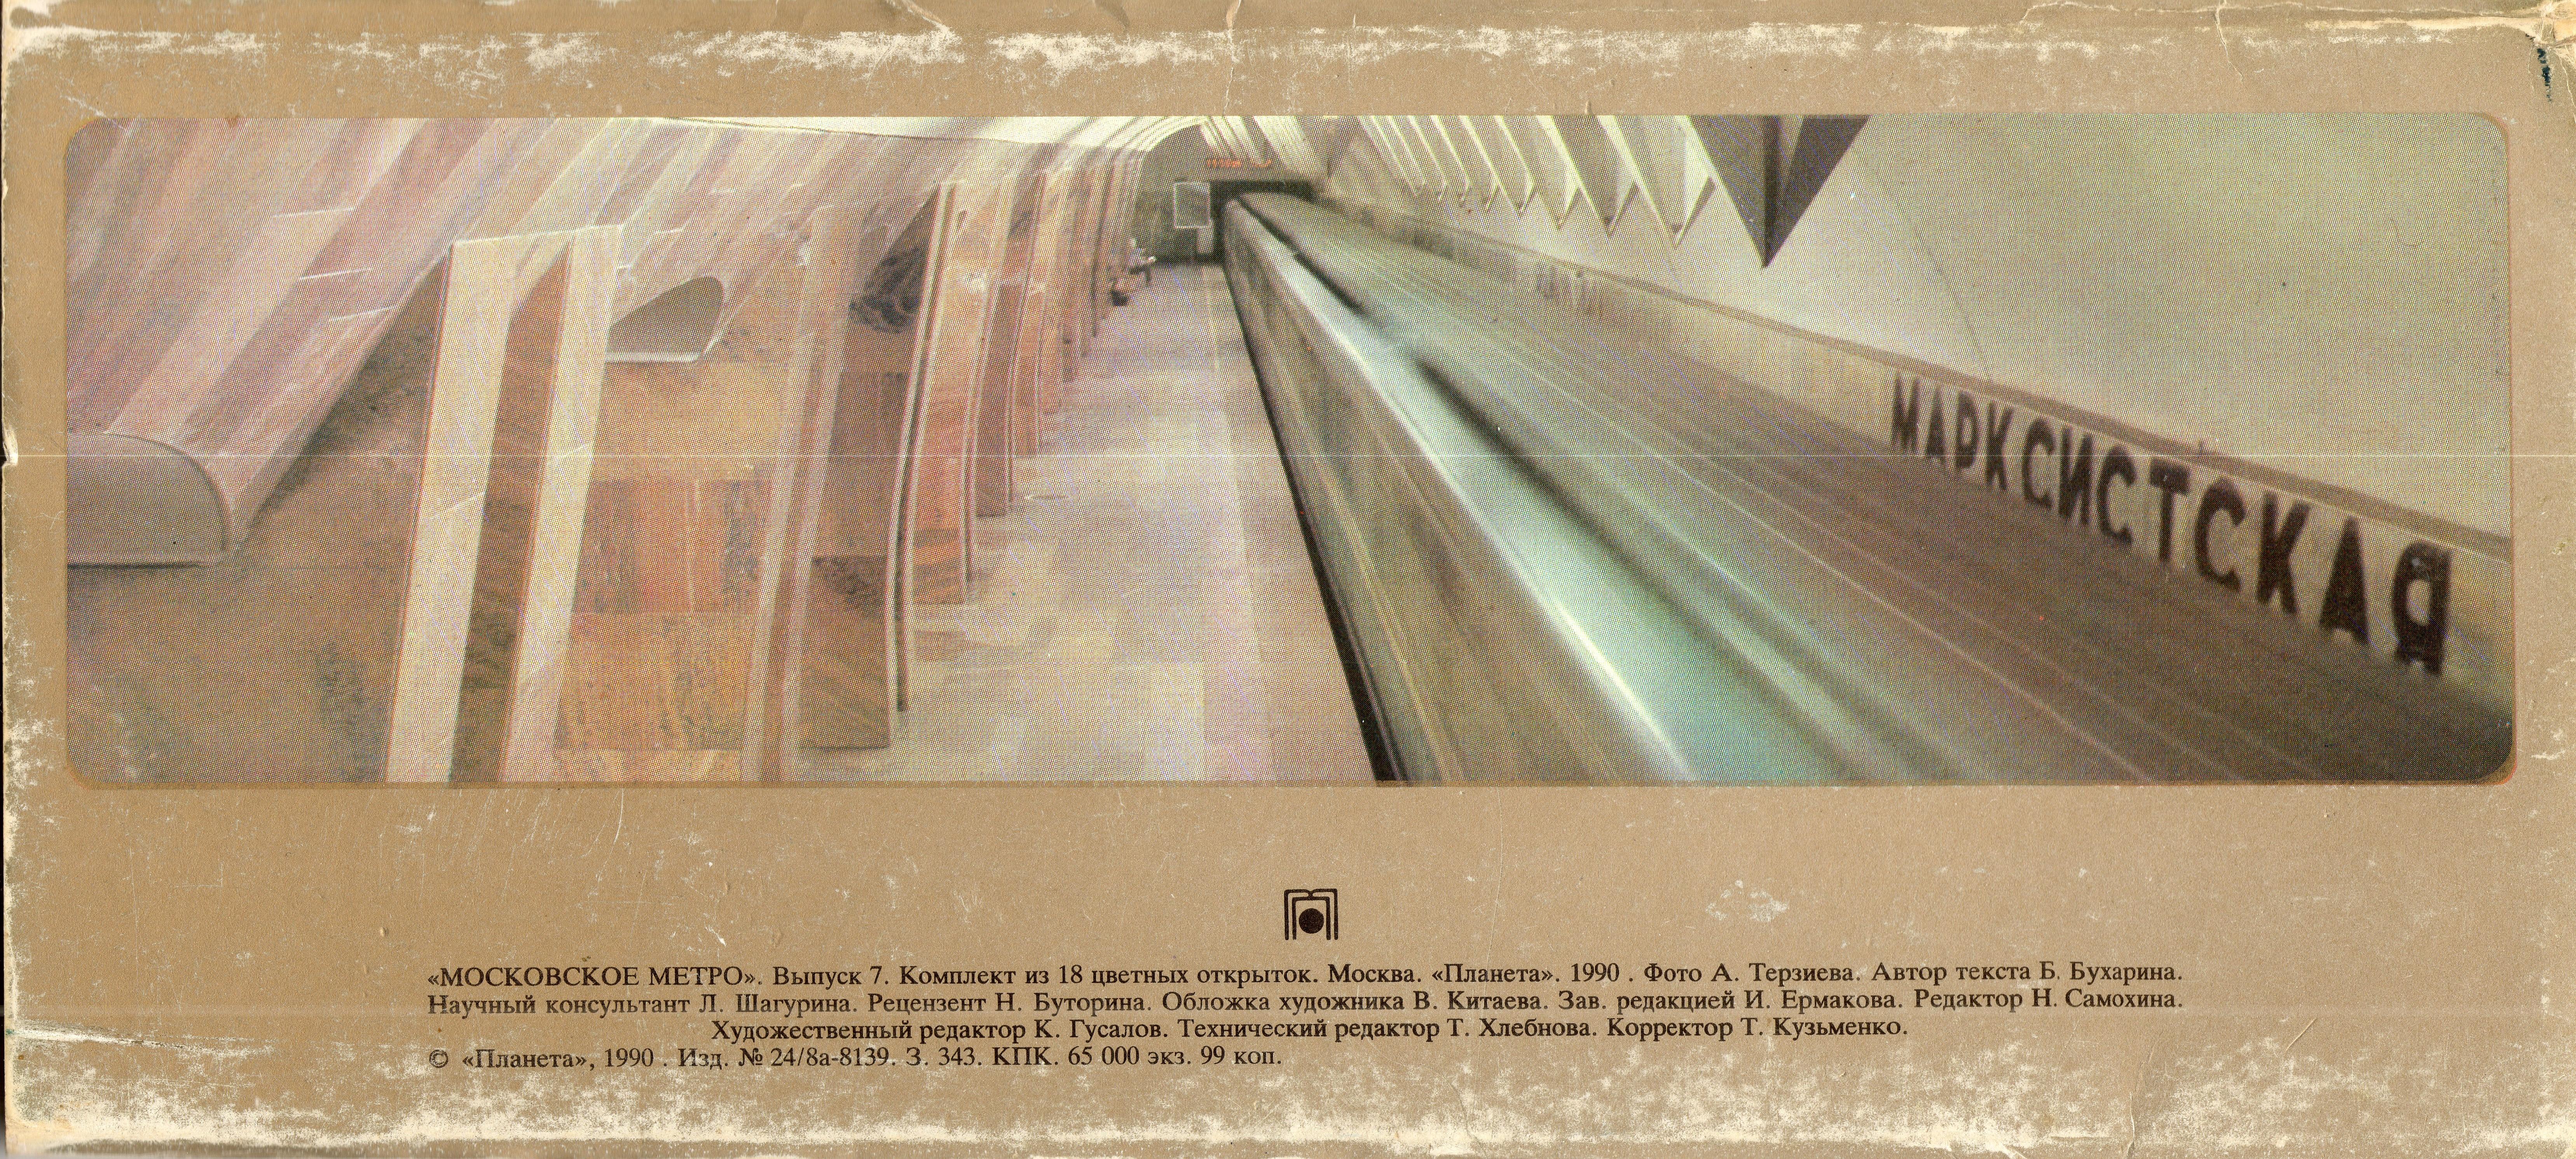 Московский метрополитен в открытках